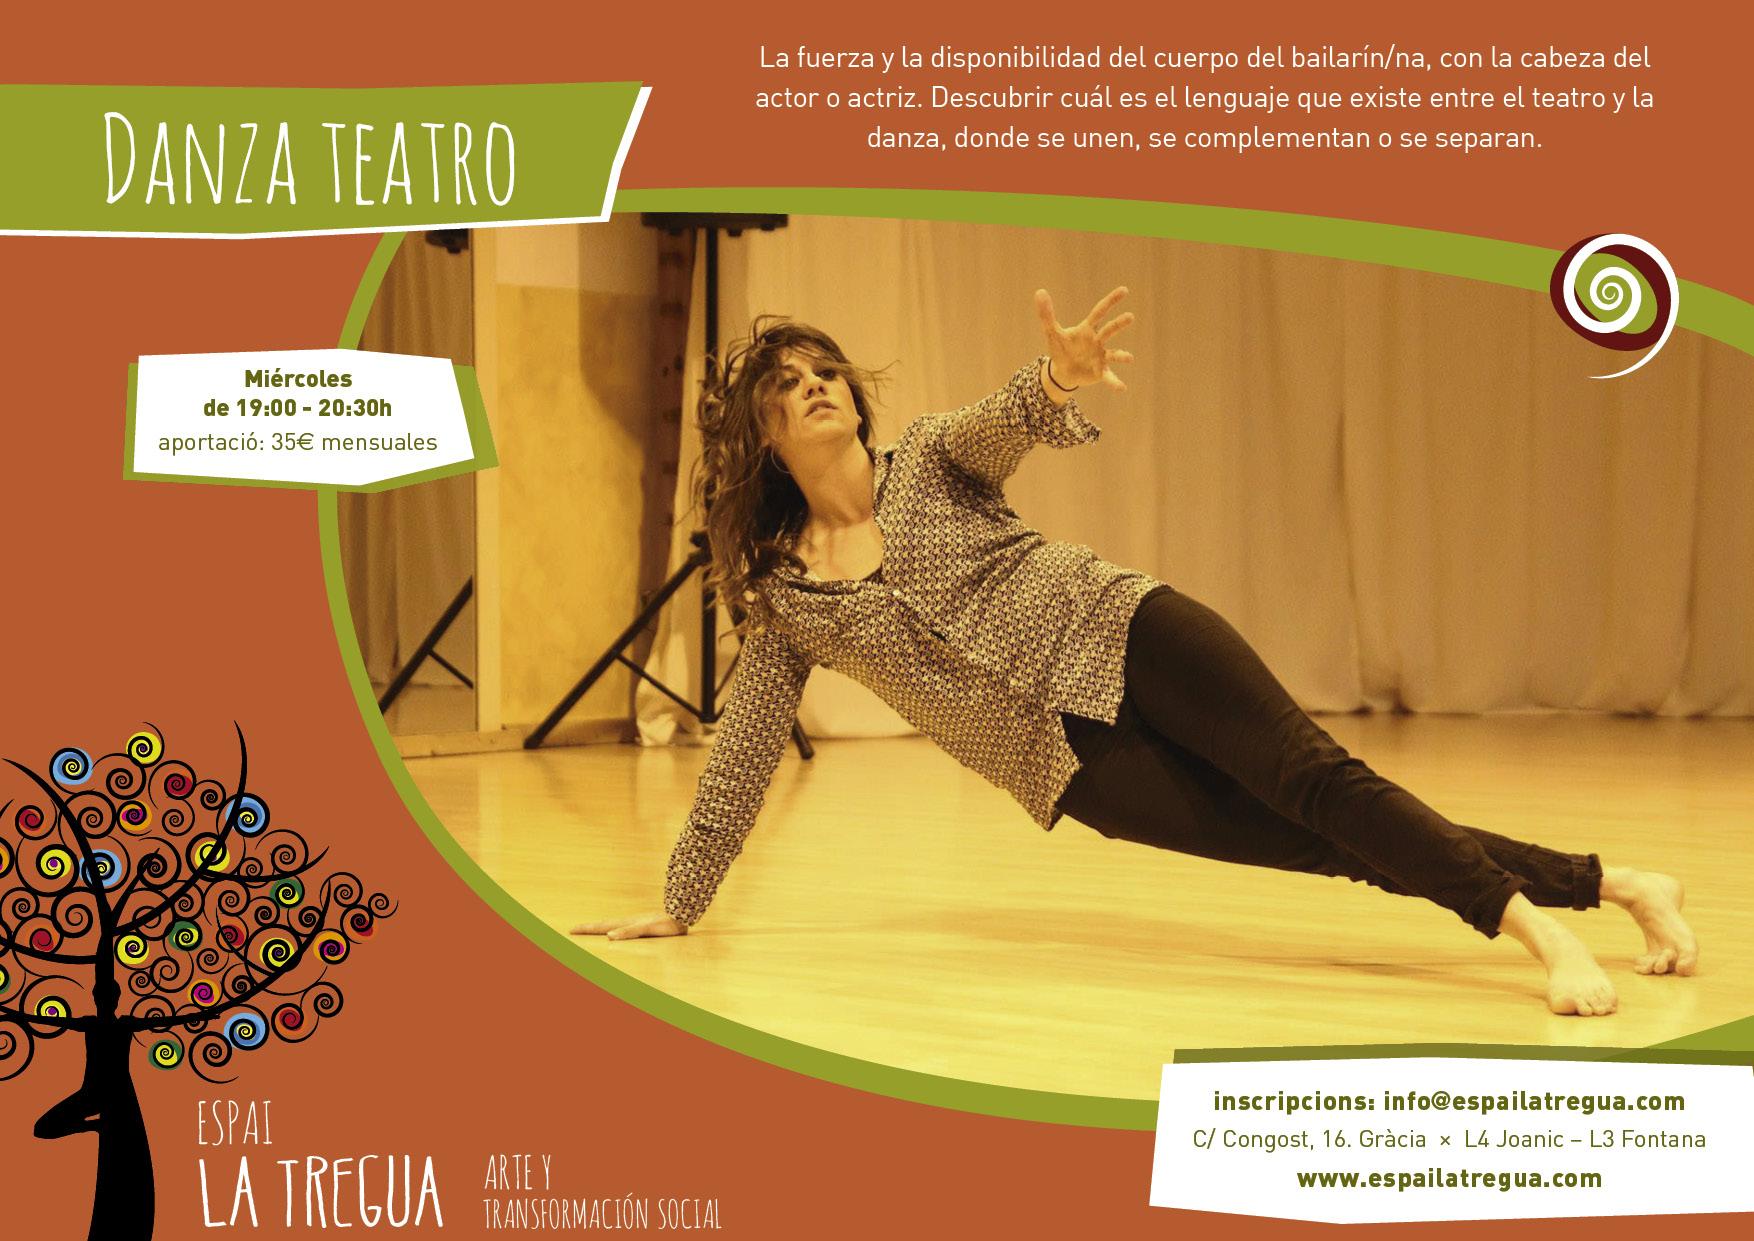 96_danza teatro_sala_arte_social_gracia